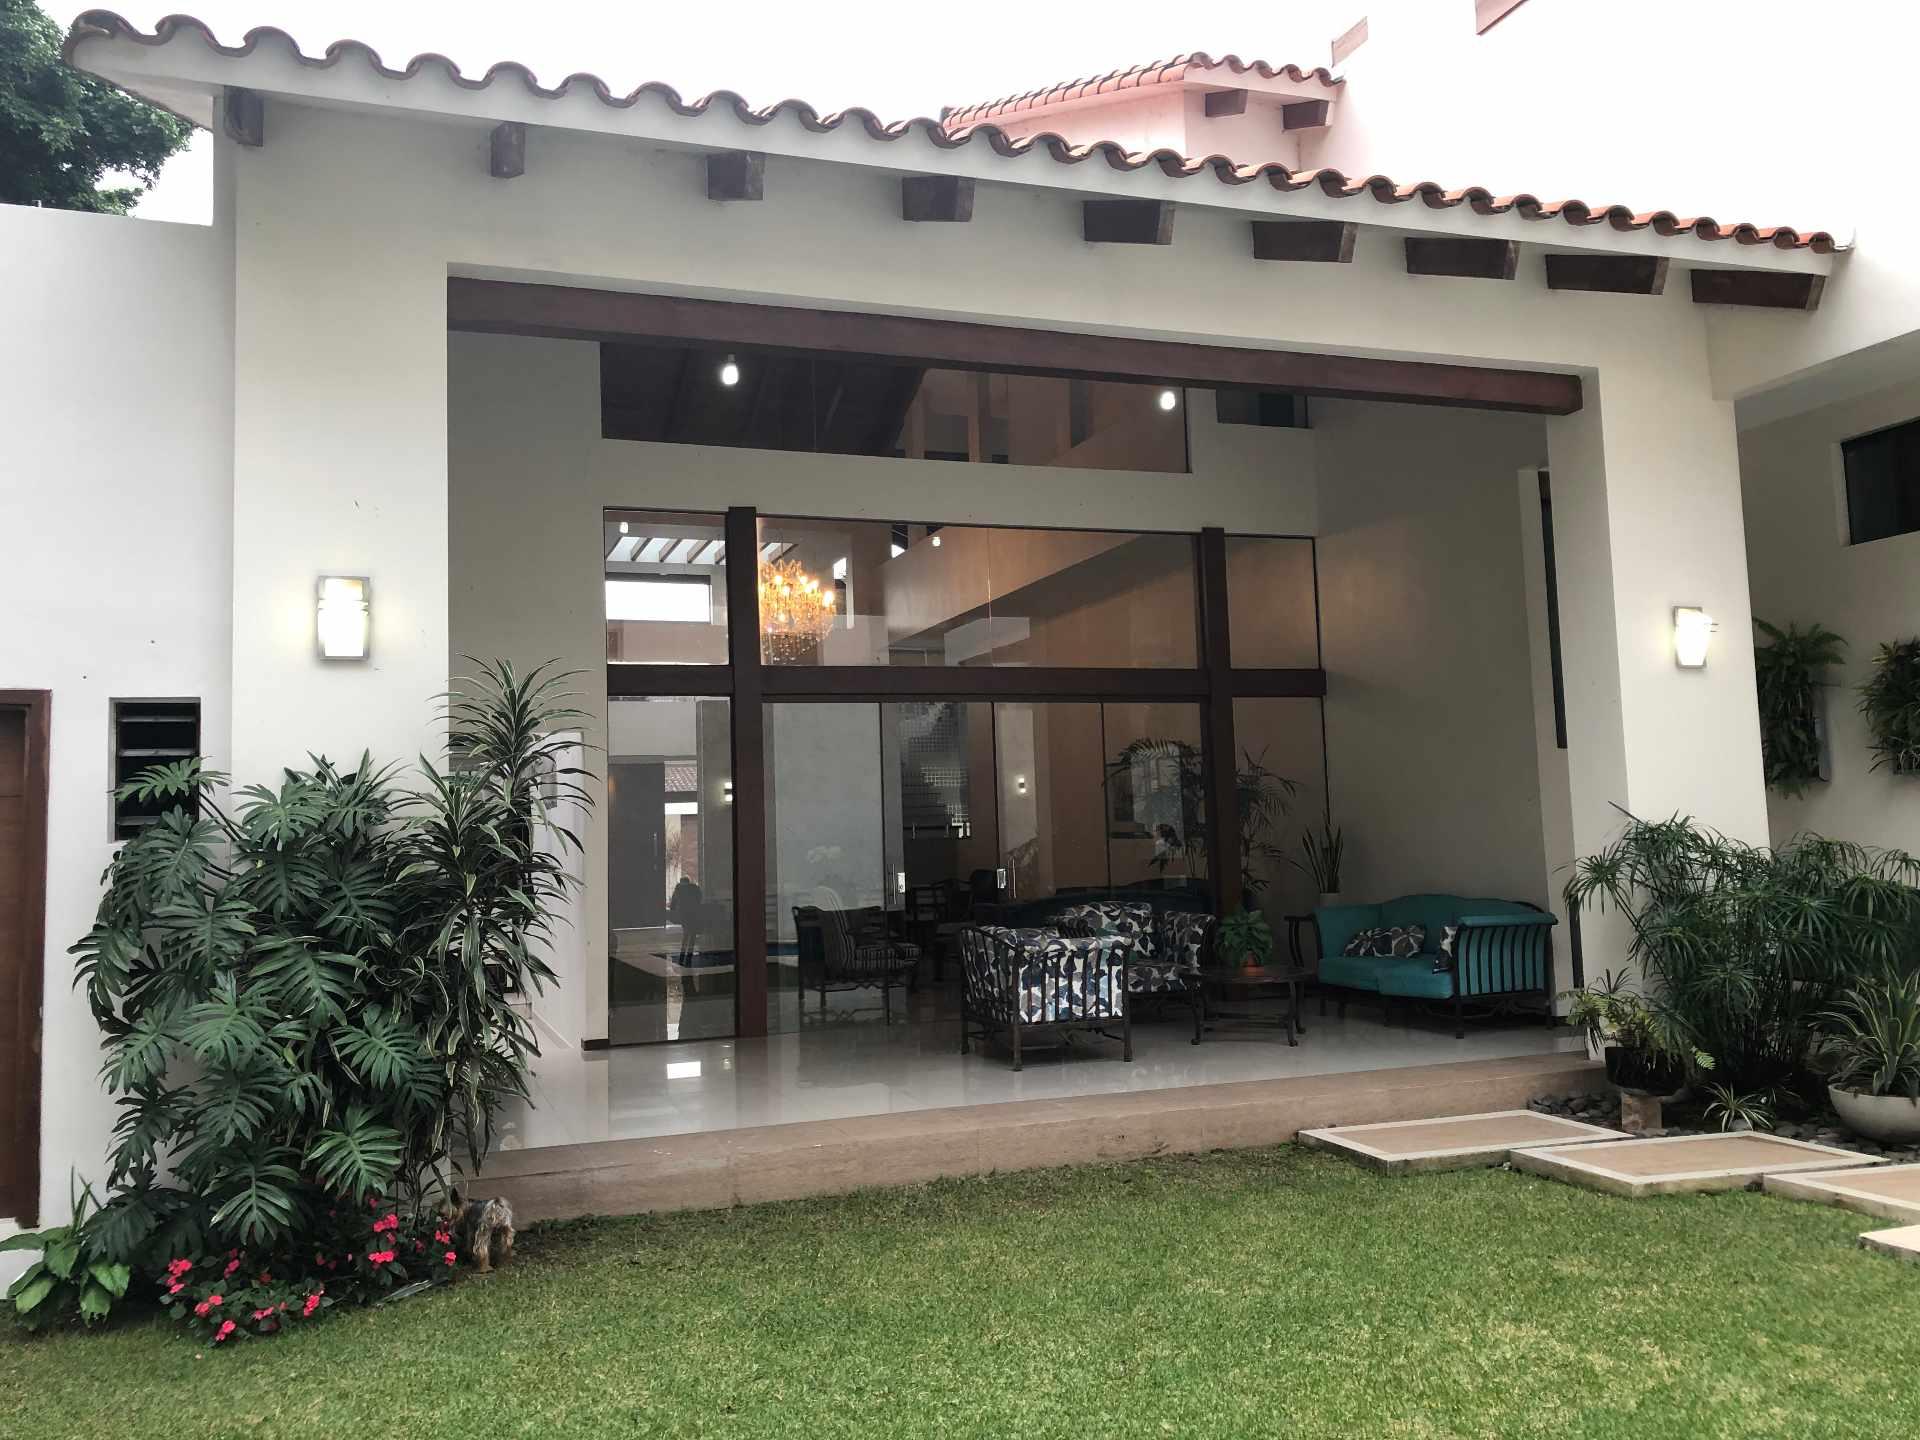 Casa en Venta CASA EN VENTA ZONA AV. SAN AURELIO Y BARRANCA Foto 25